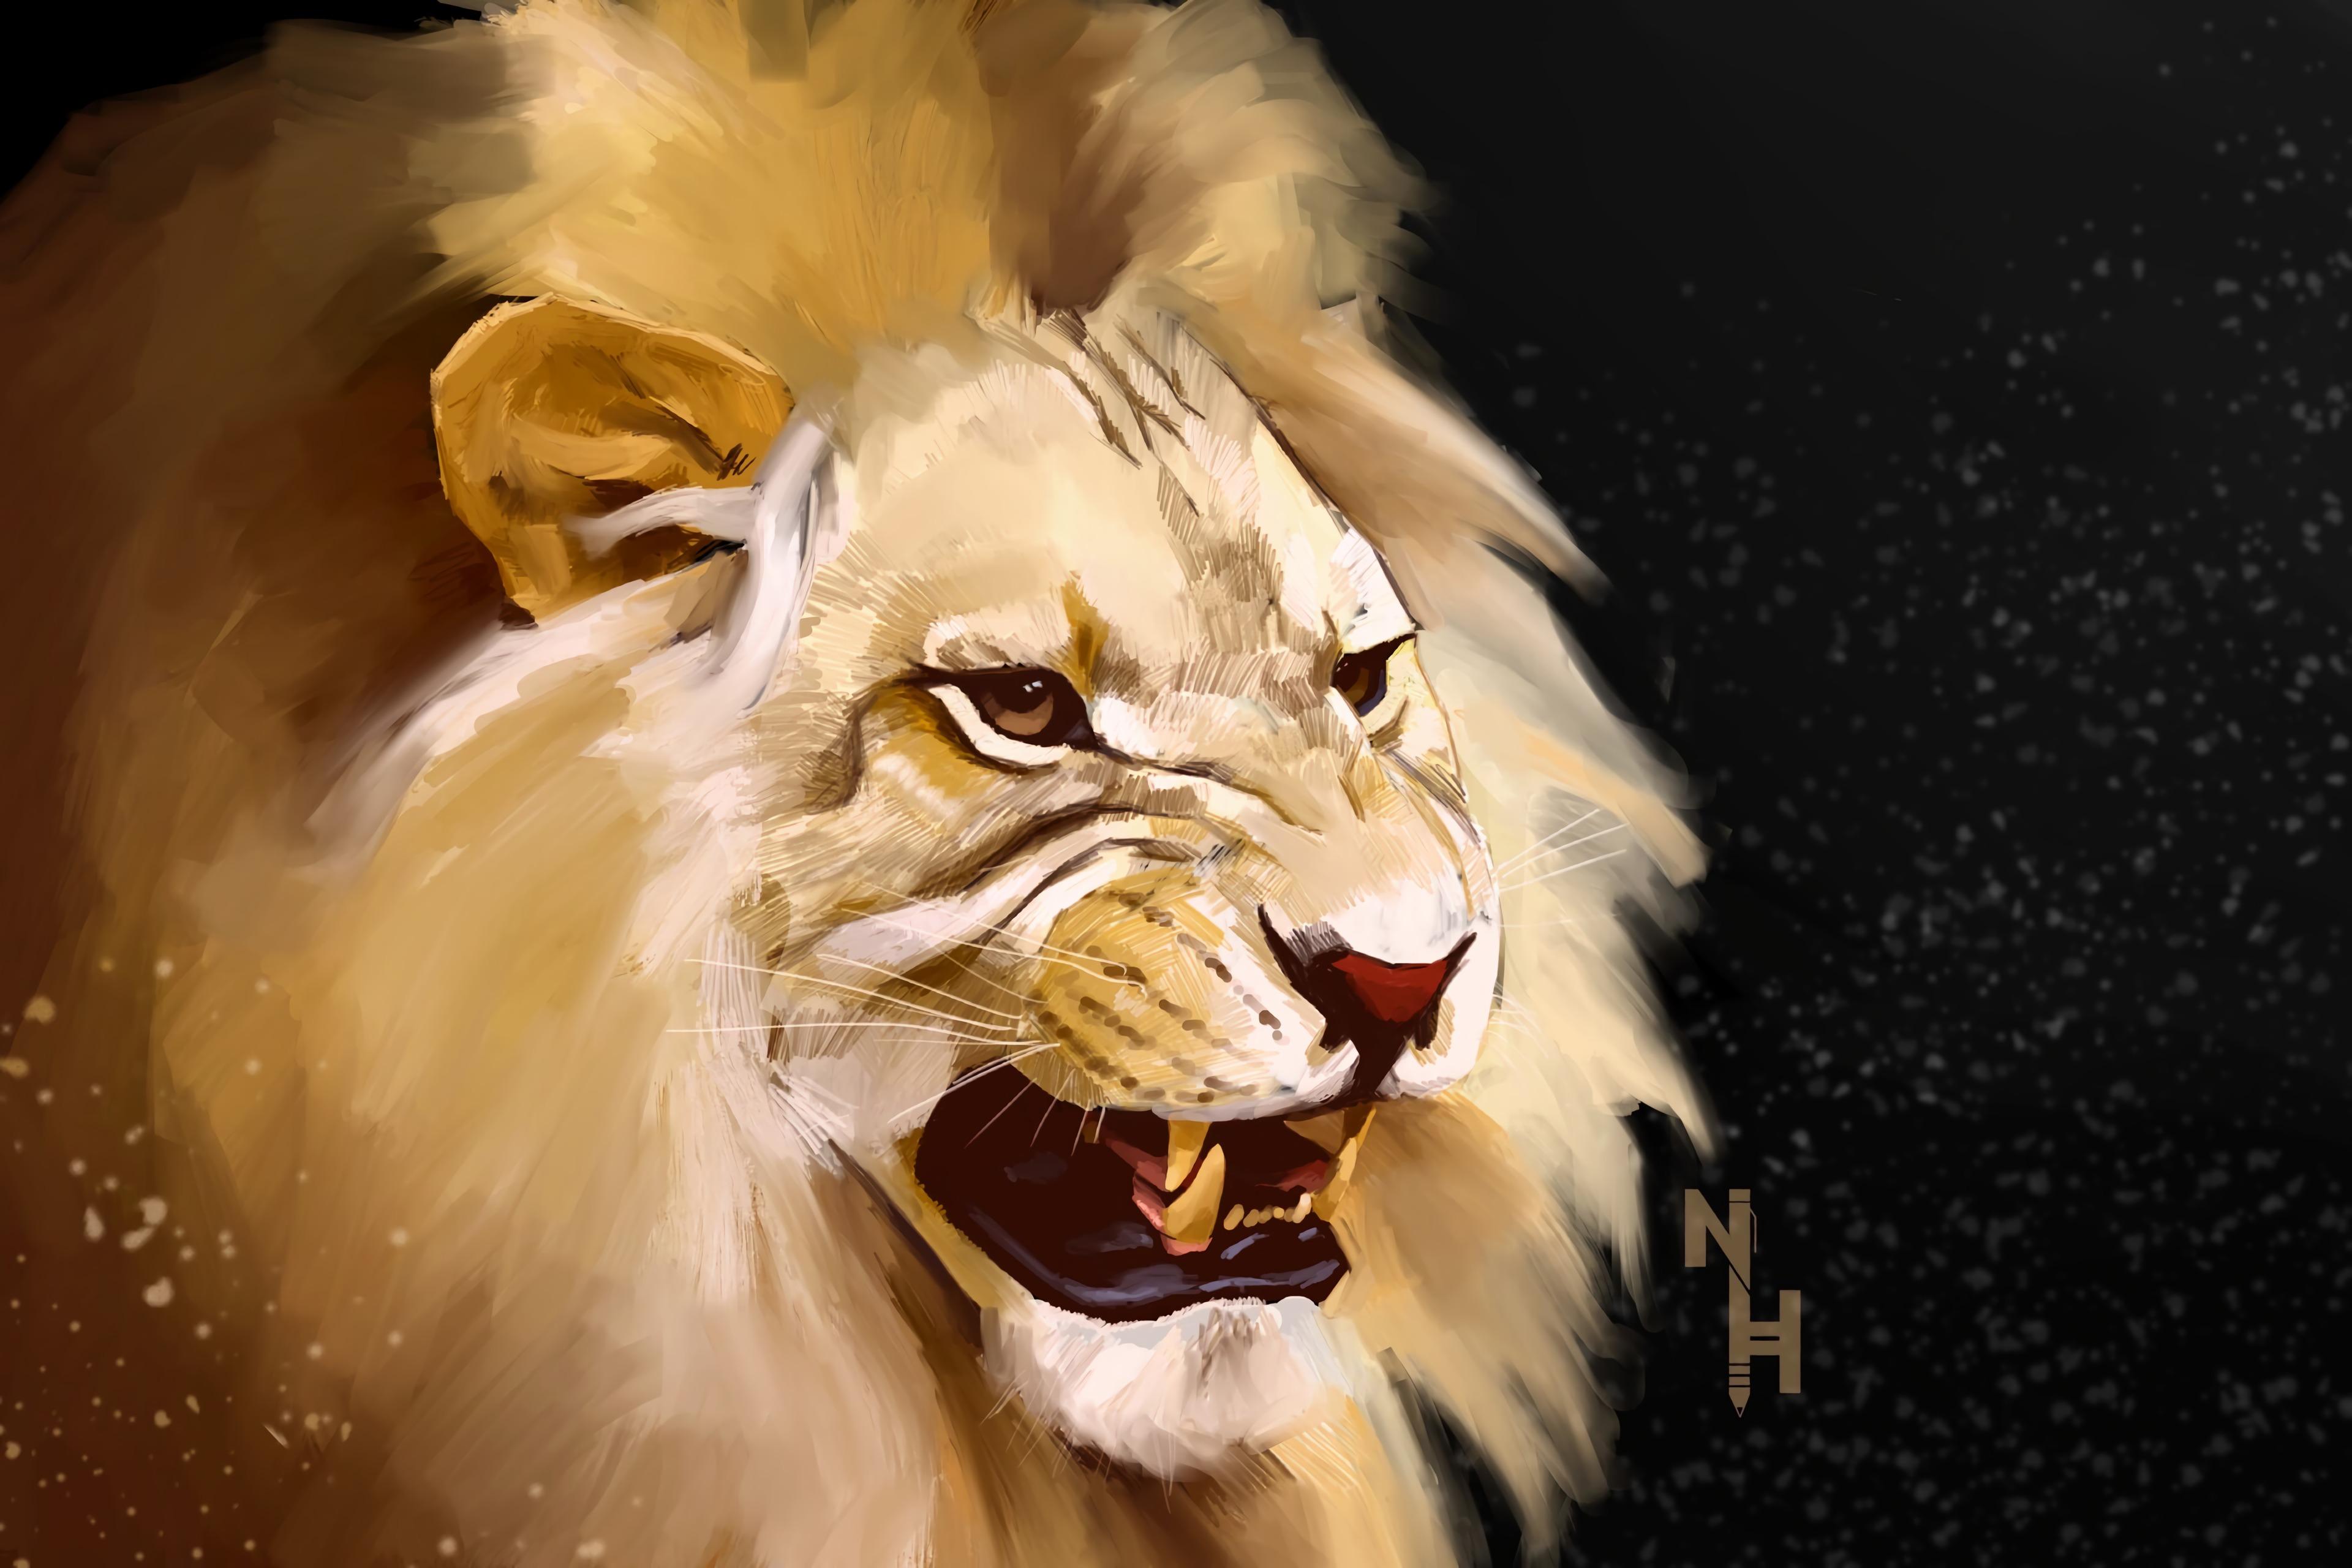 78852 Protetores de tela e papéis de parede Rei Das Feras em seu telefone. Baixe Arte, Leão, Sorriso, Um Leão, Predator, Predador, Rei Das Feras, Rei Das Bestas fotos gratuitamente